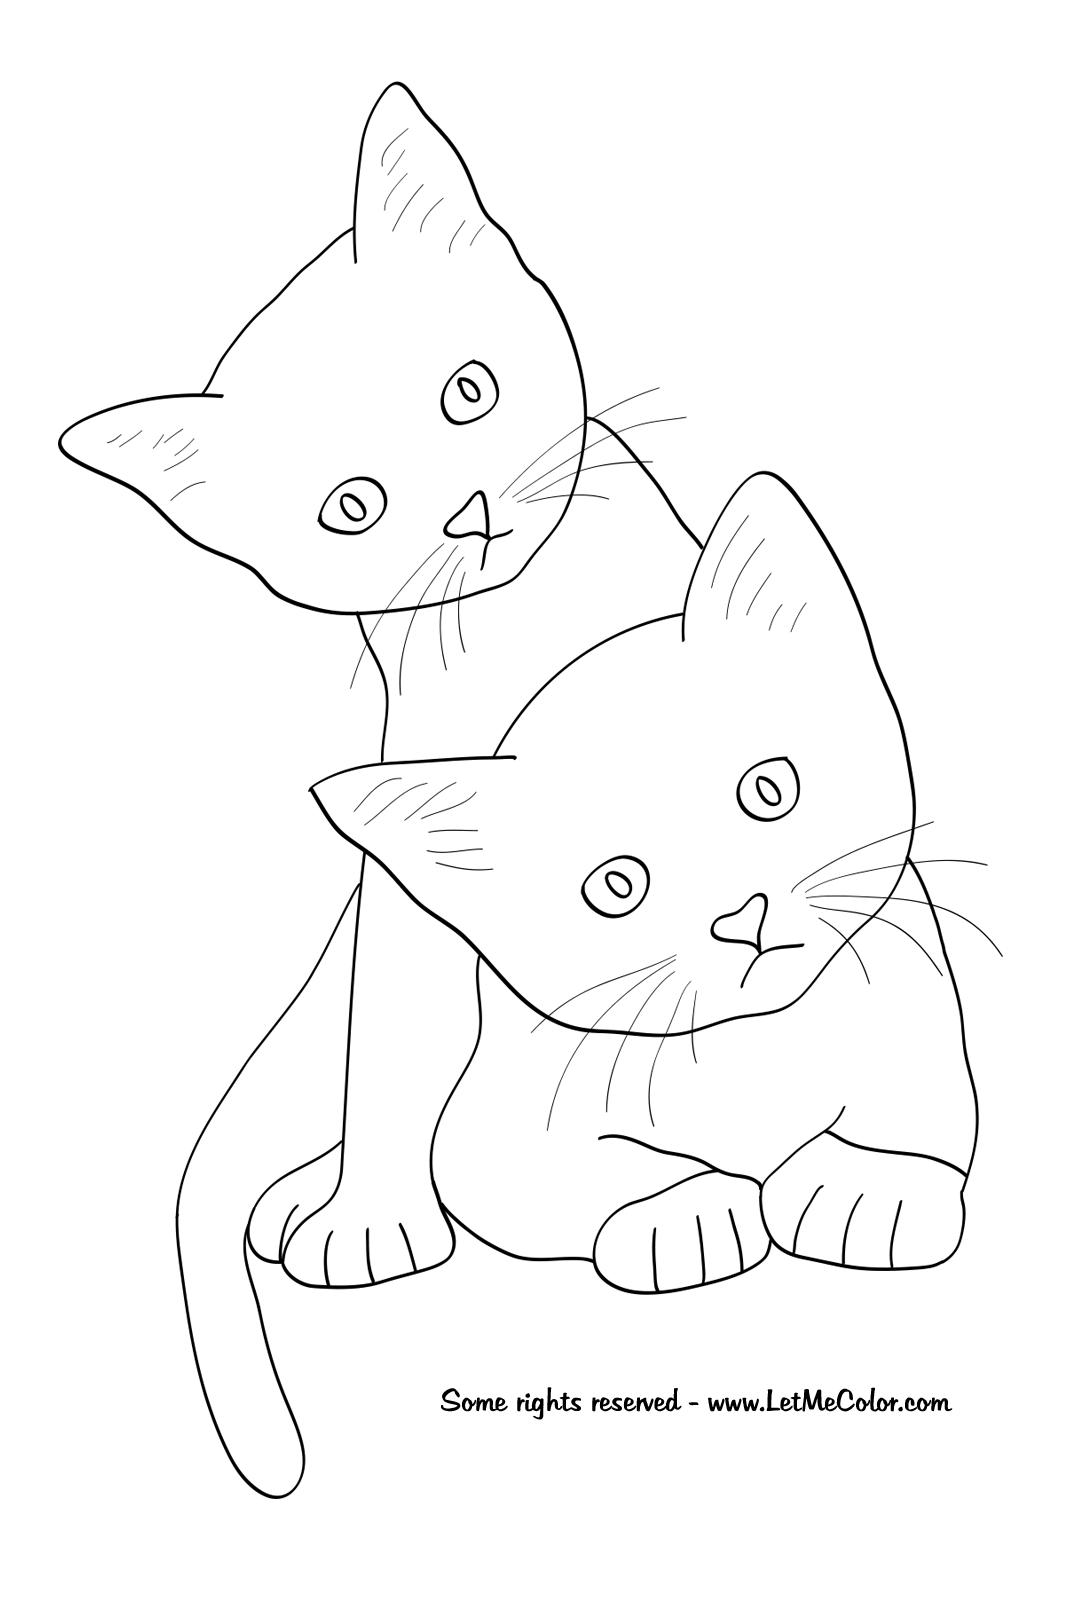 Cats-coloring-page.png (1069×1600)   DIBUJANDO UN LINDO GATITO ...